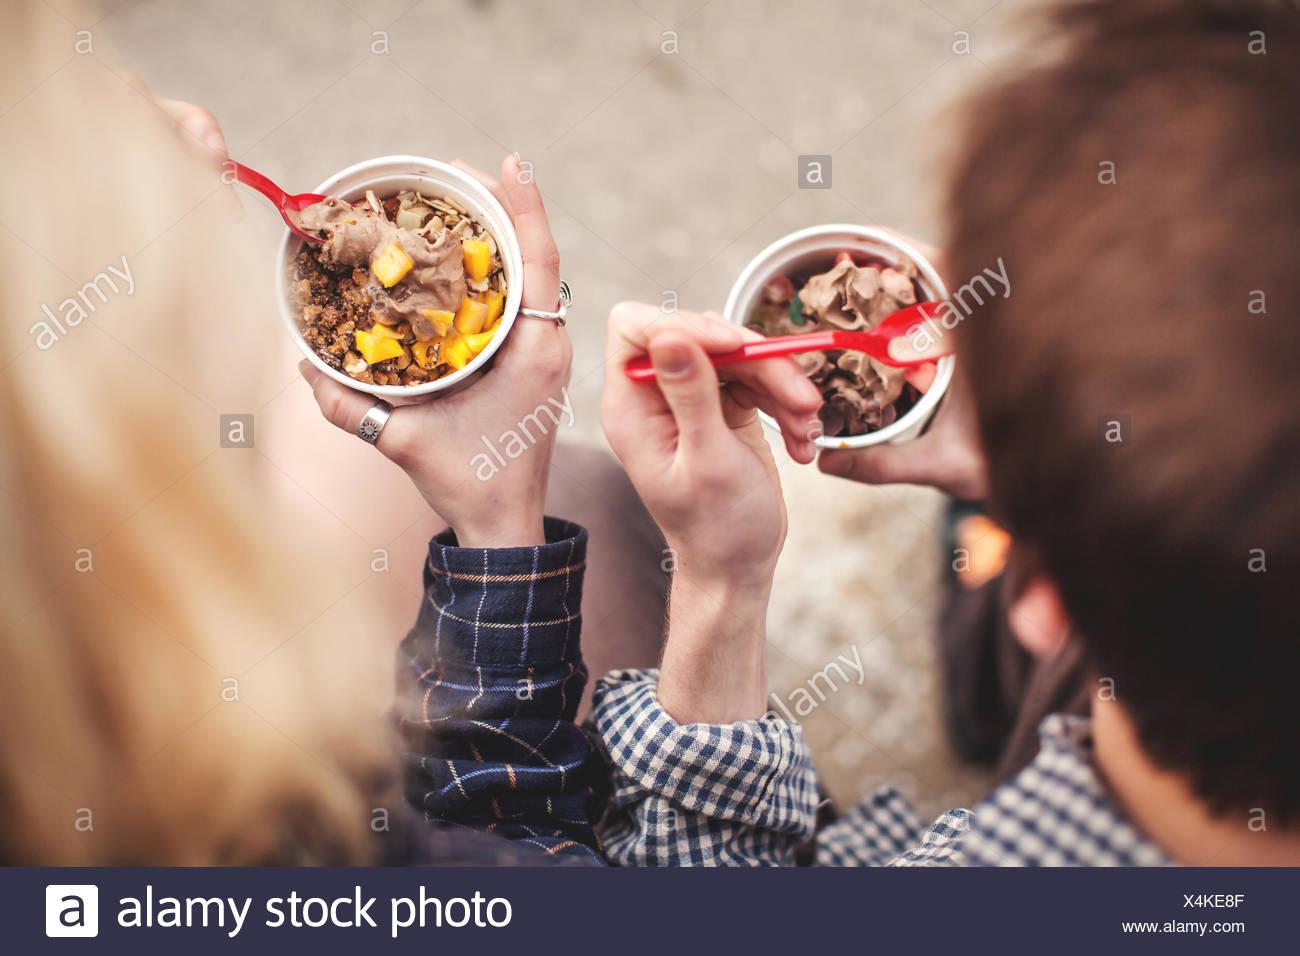 Paio mangiare vaschette di yogurt surgelato trattare Immagini Stock